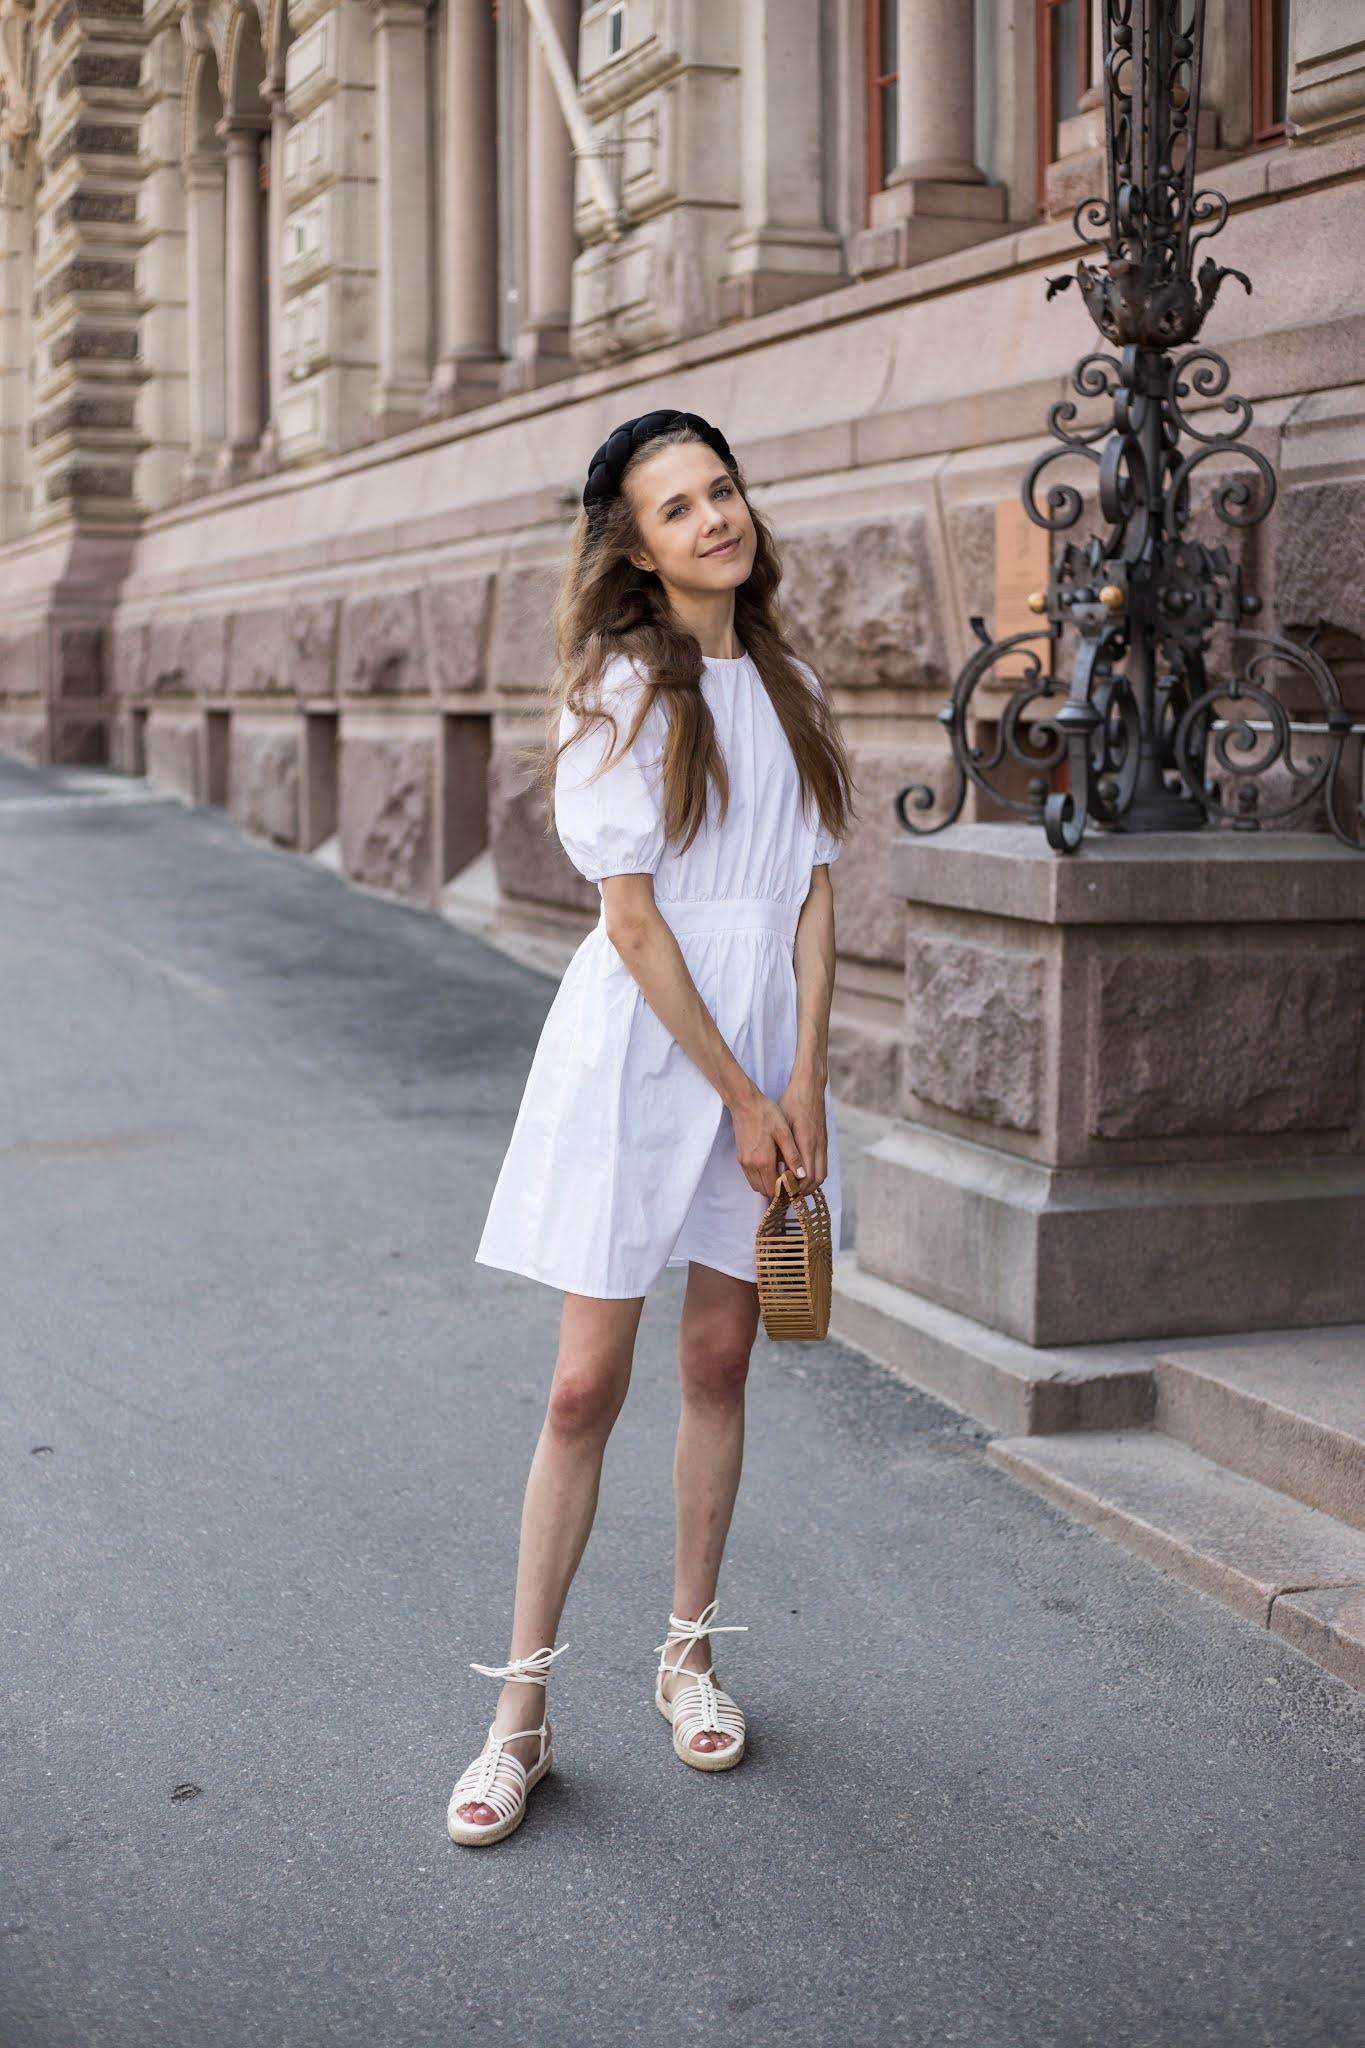 Kuinka yhdistää valkoinen kesämekko // How to style white summer dress